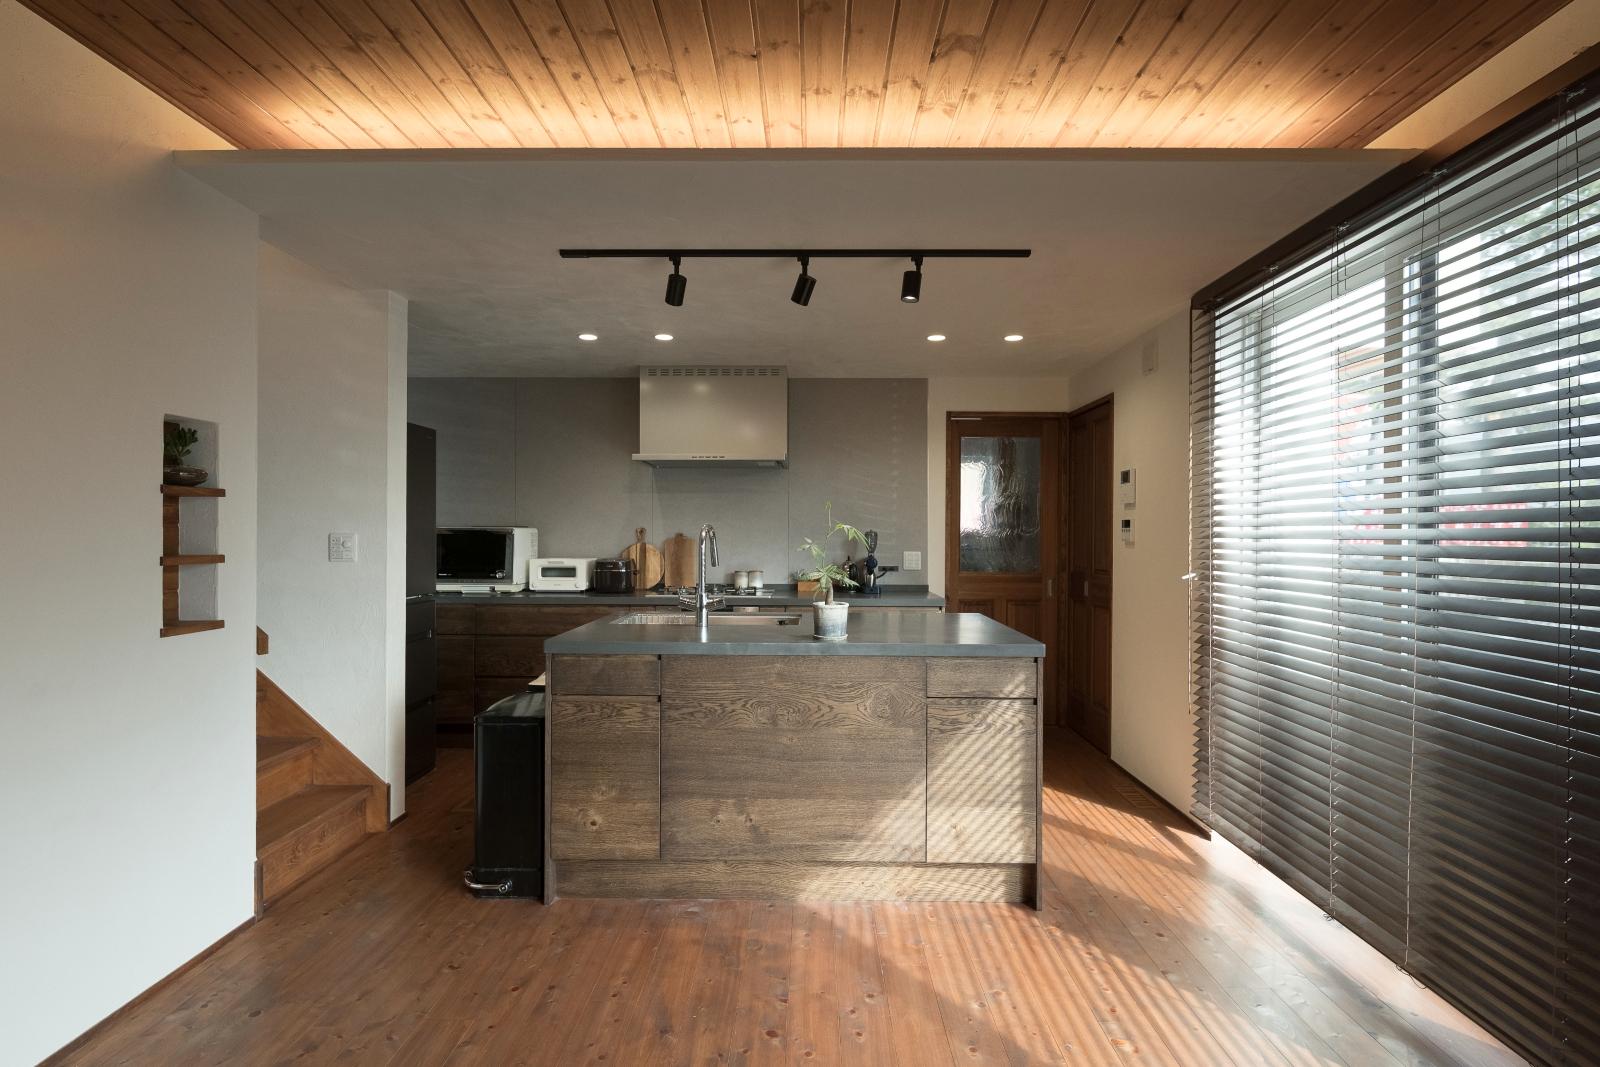 31坪に建てたブルックリンスタイルの自然素材住宅 シンプルでかっこいいオープンキッチン